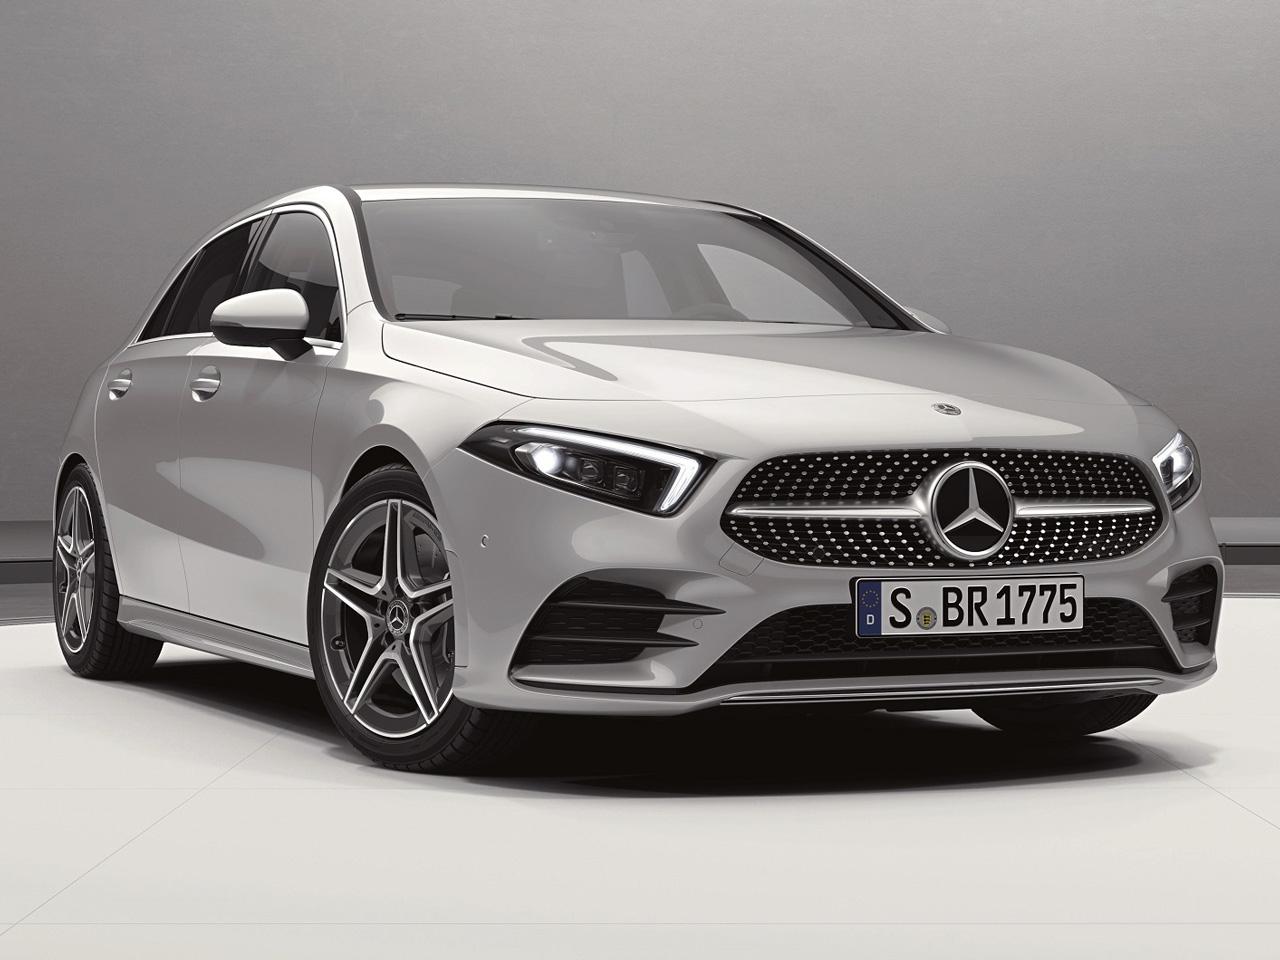 メルセデス・ベンツ Aクラス 2018年モデル 新車画像